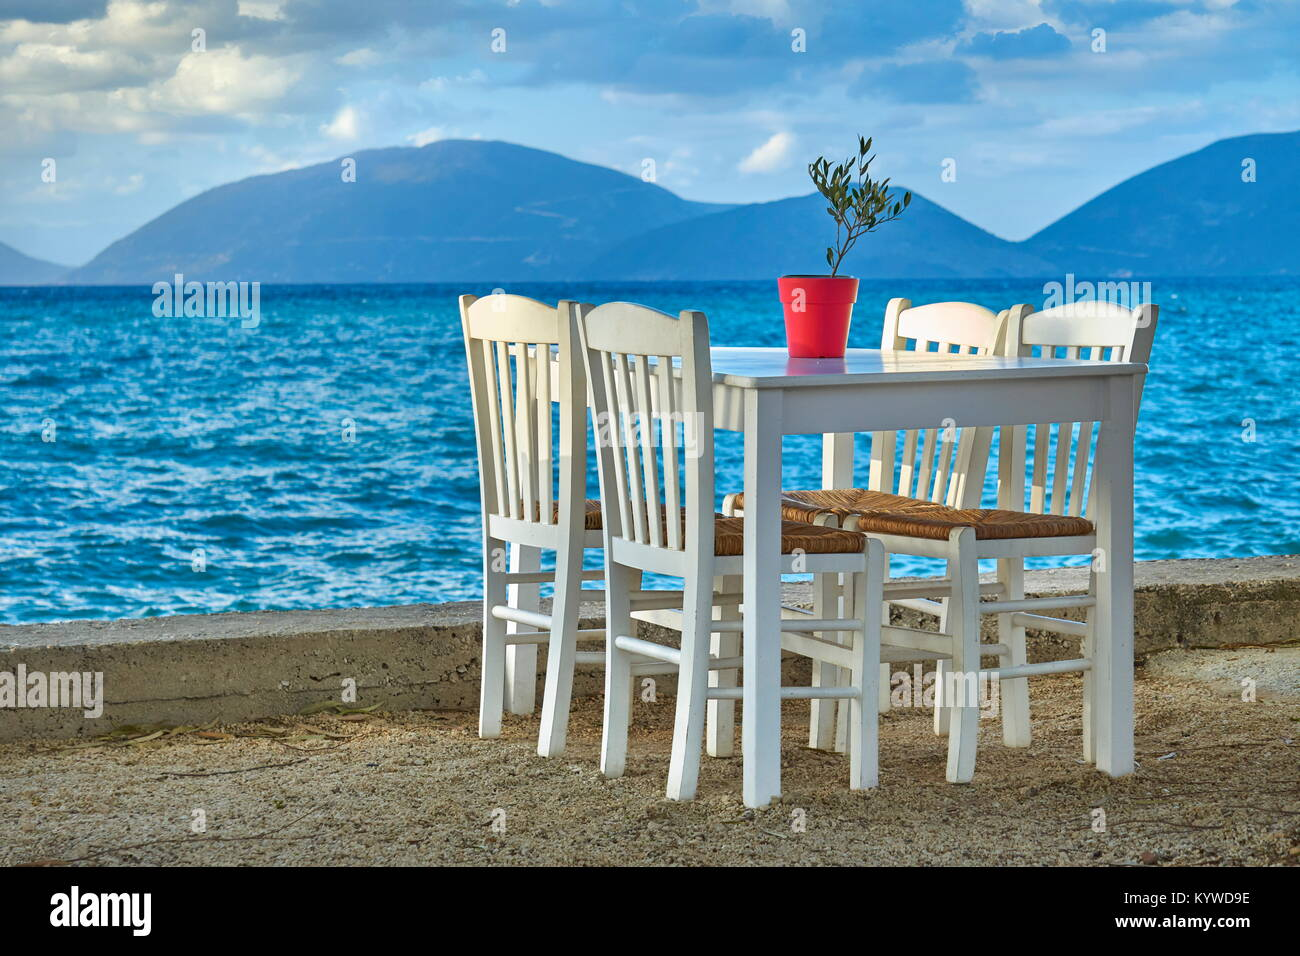 Table avec chaises en taverne grecque traditionnelle, Sami, l'île de Céphalonie, Grèce Photo Stock